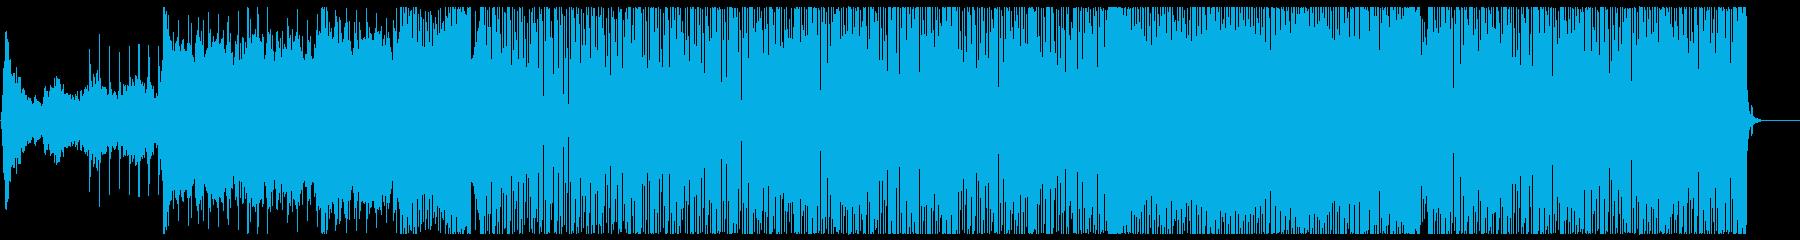 楽しい気分になるフューチャーハウス声有りの再生済みの波形